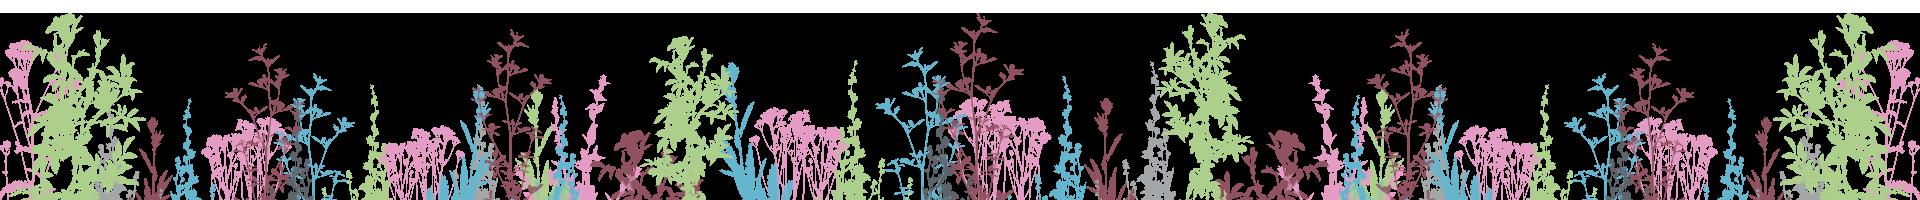 floral_banner